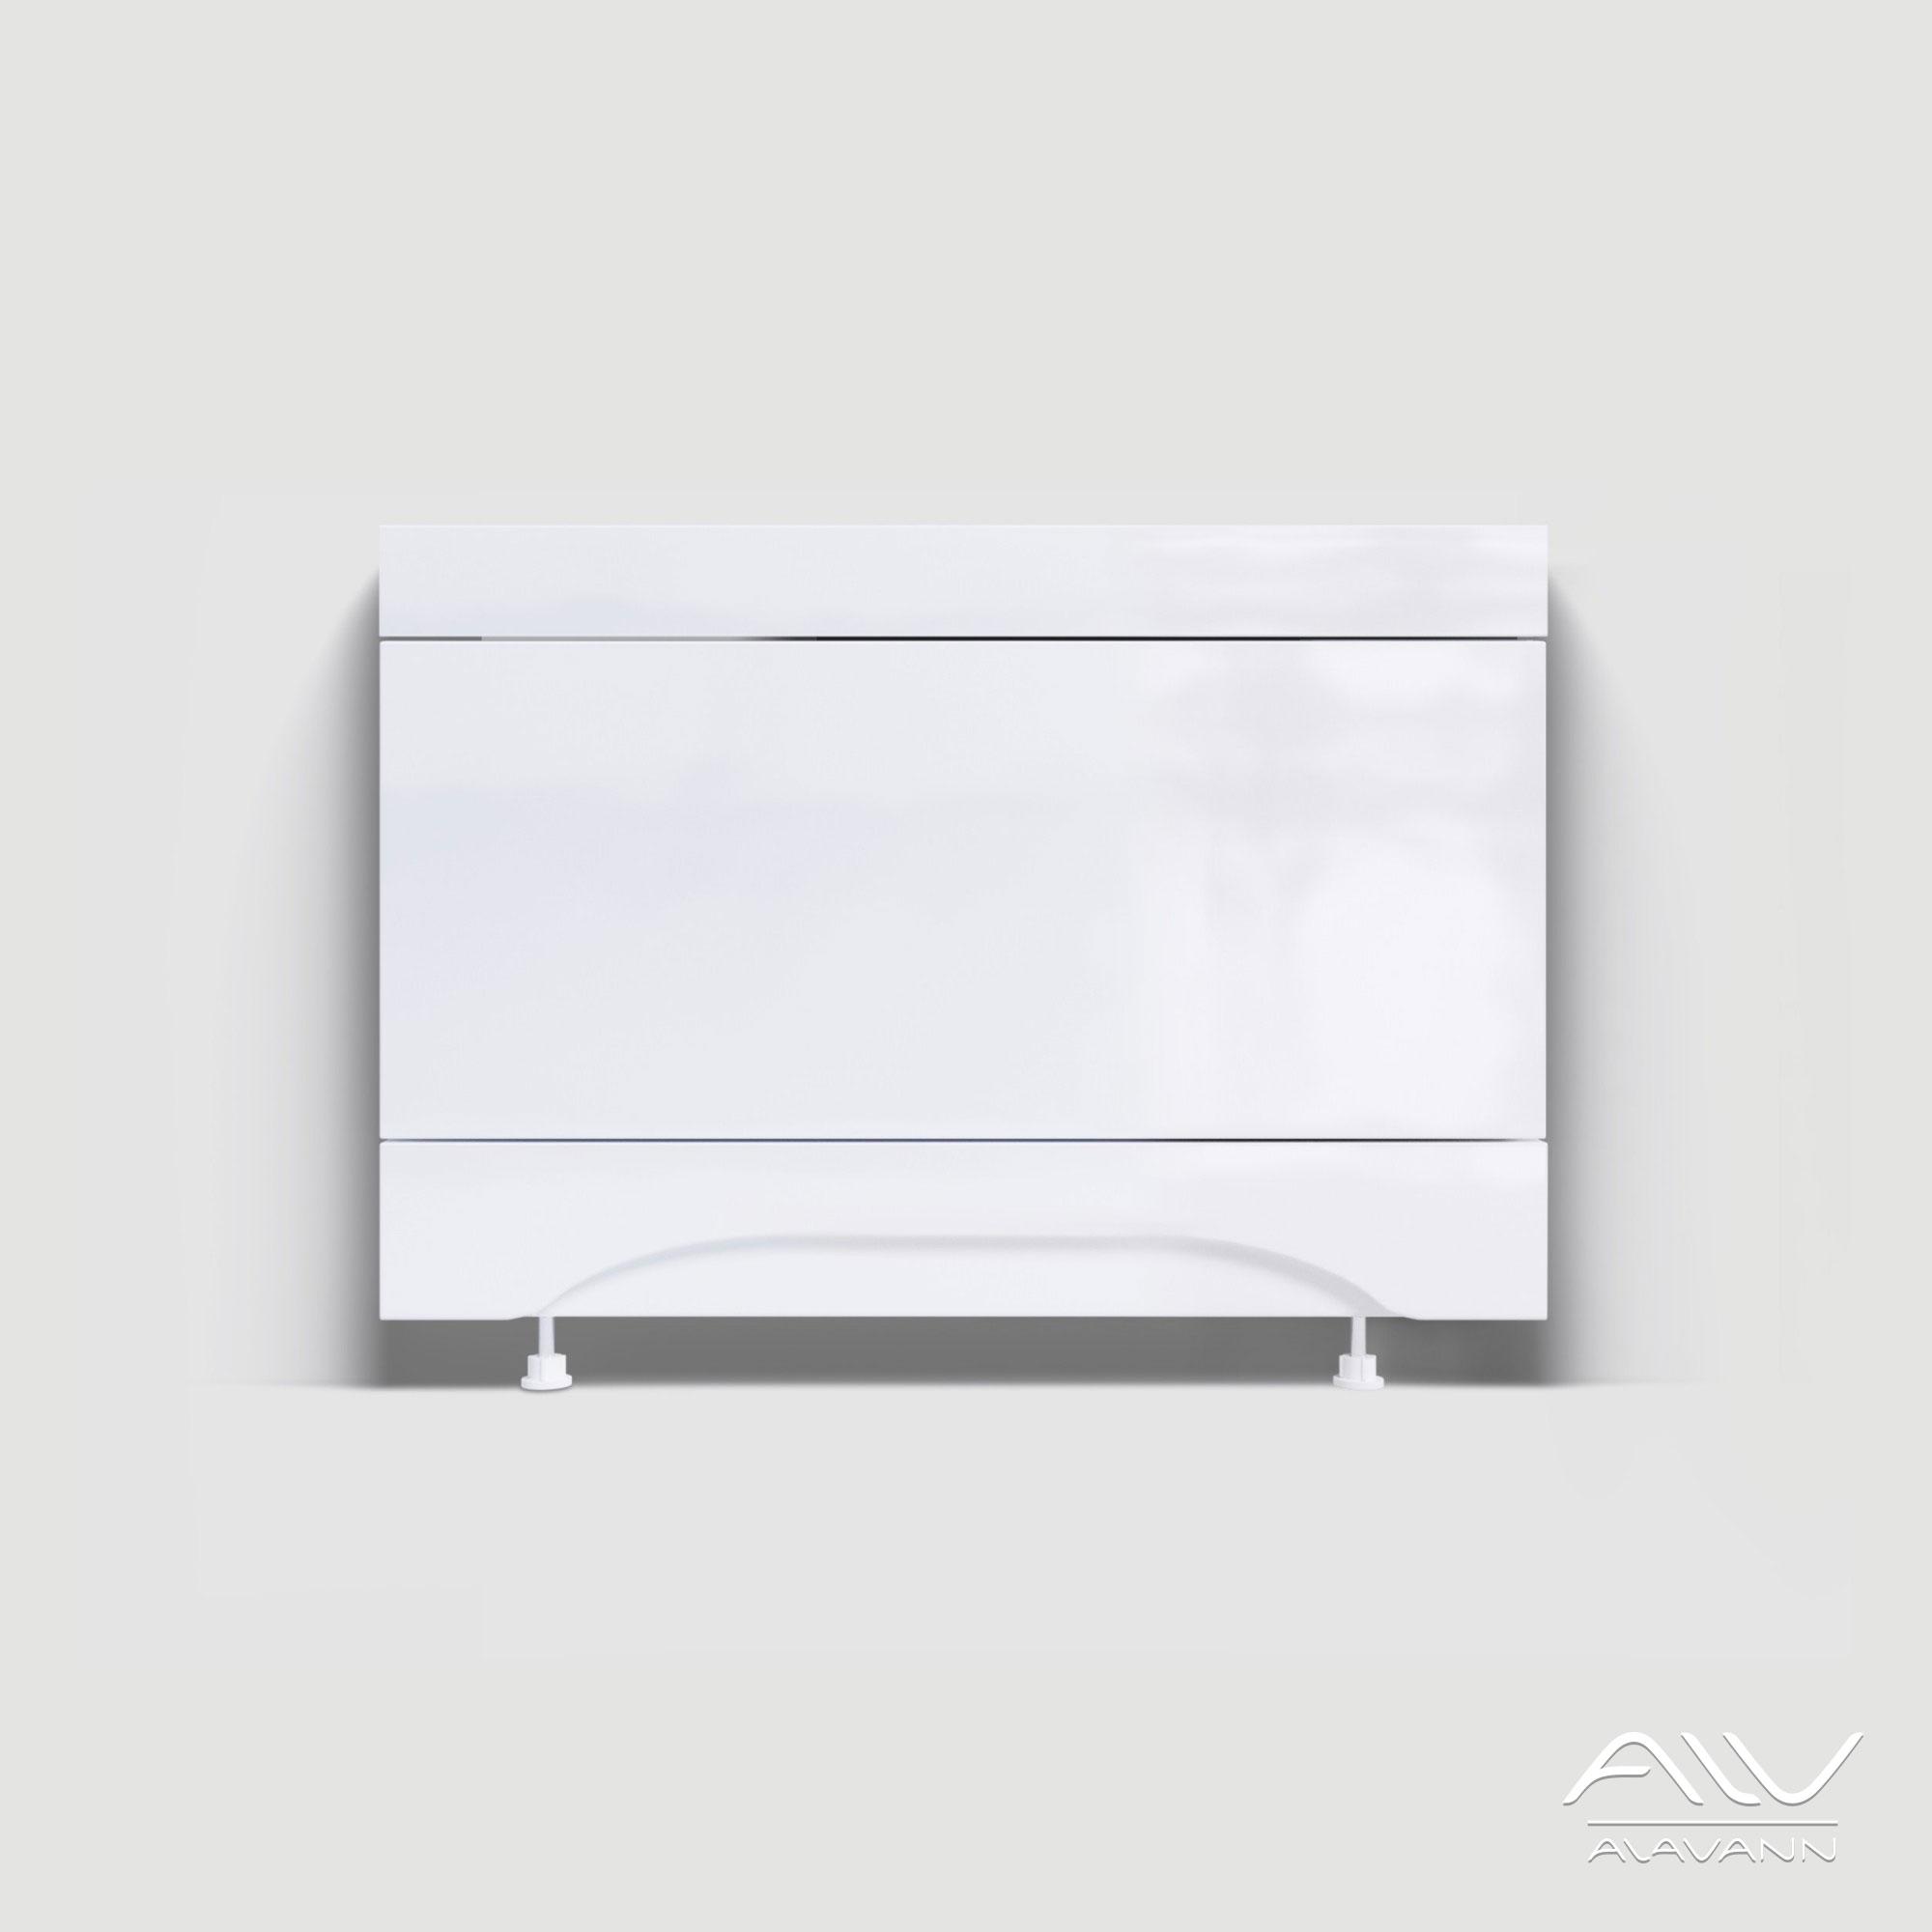 Экран под ванну торцевой 70 см МДФ, цвет белый